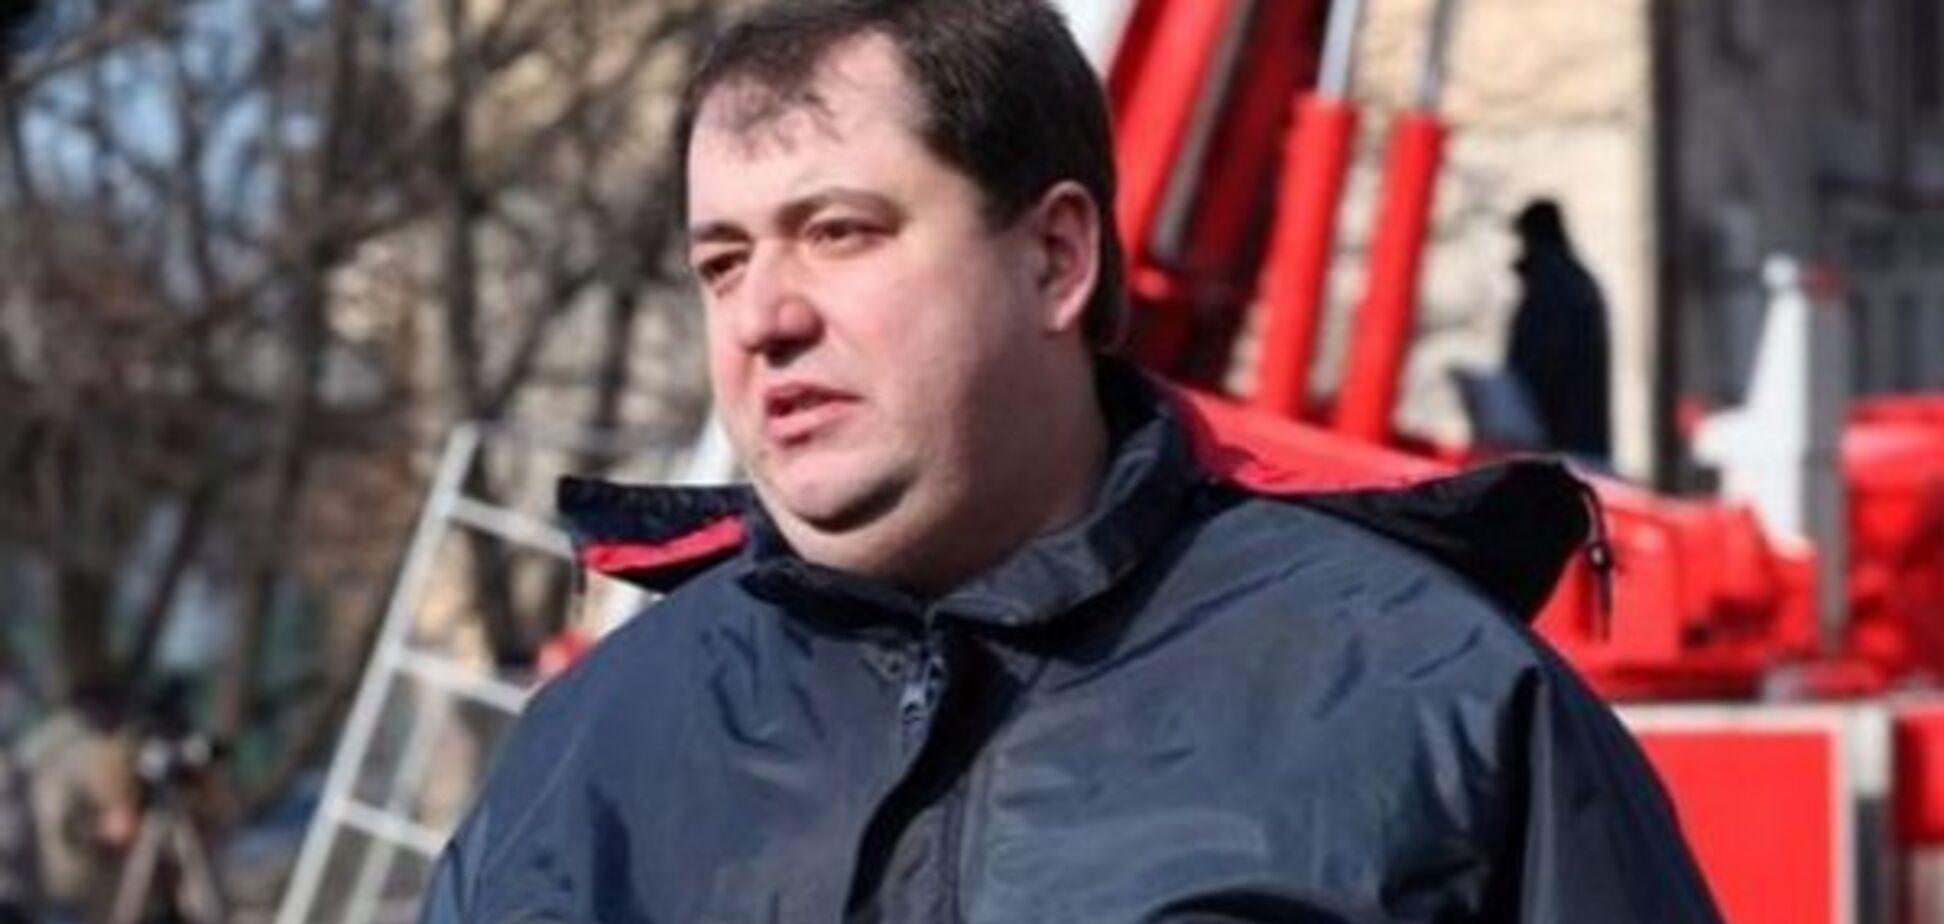 Интерпол отменил розыск экс-главы ГСЧС Одессы Боделана по трагедии 2 мая